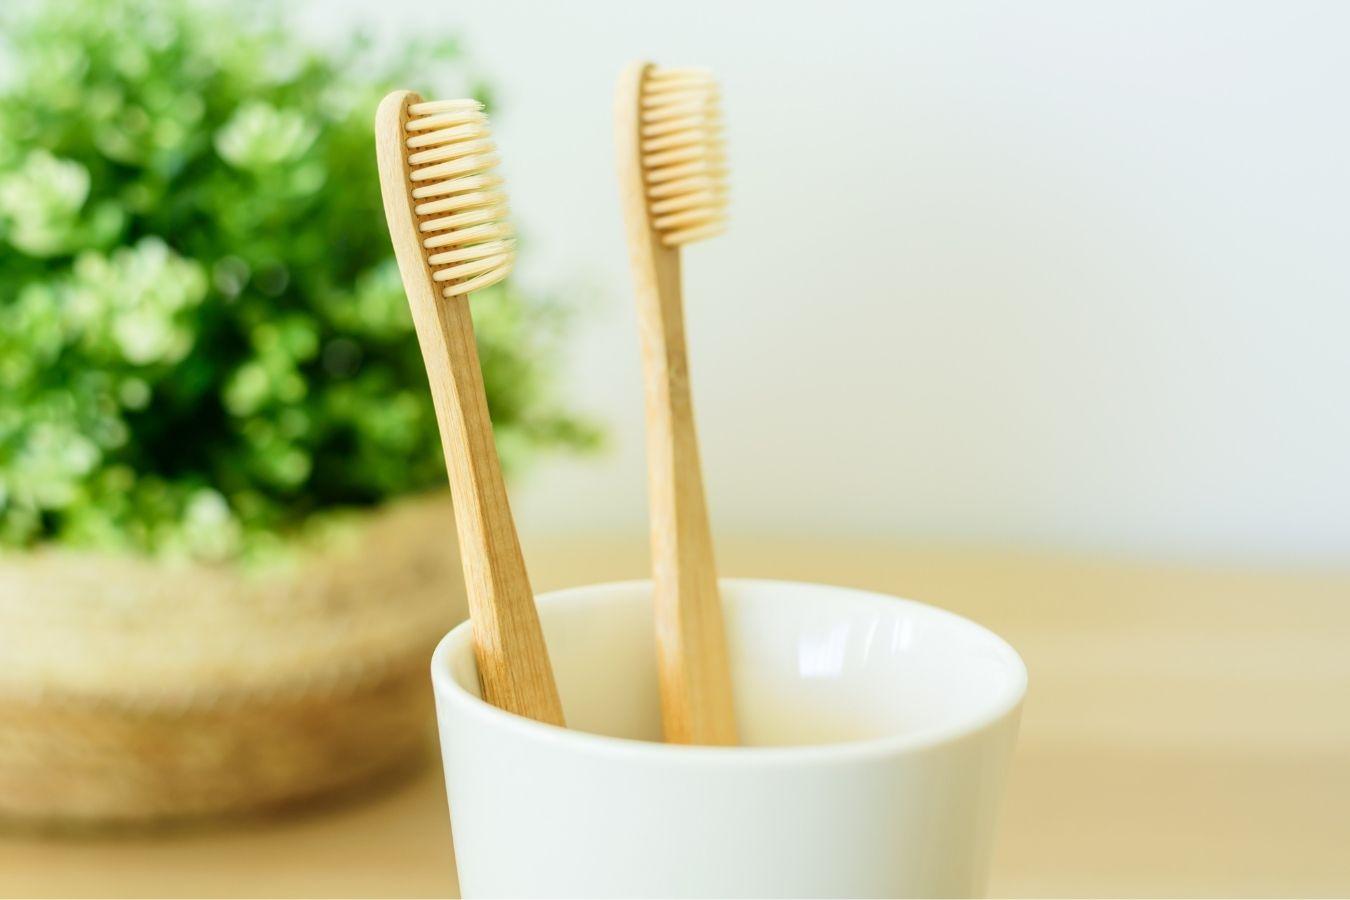 Rodzice i dzieci: Myjmy wspólnie zęby! Jak wyrobić to przyzwyczajenie? Jak wybrać najlepszą pastę?